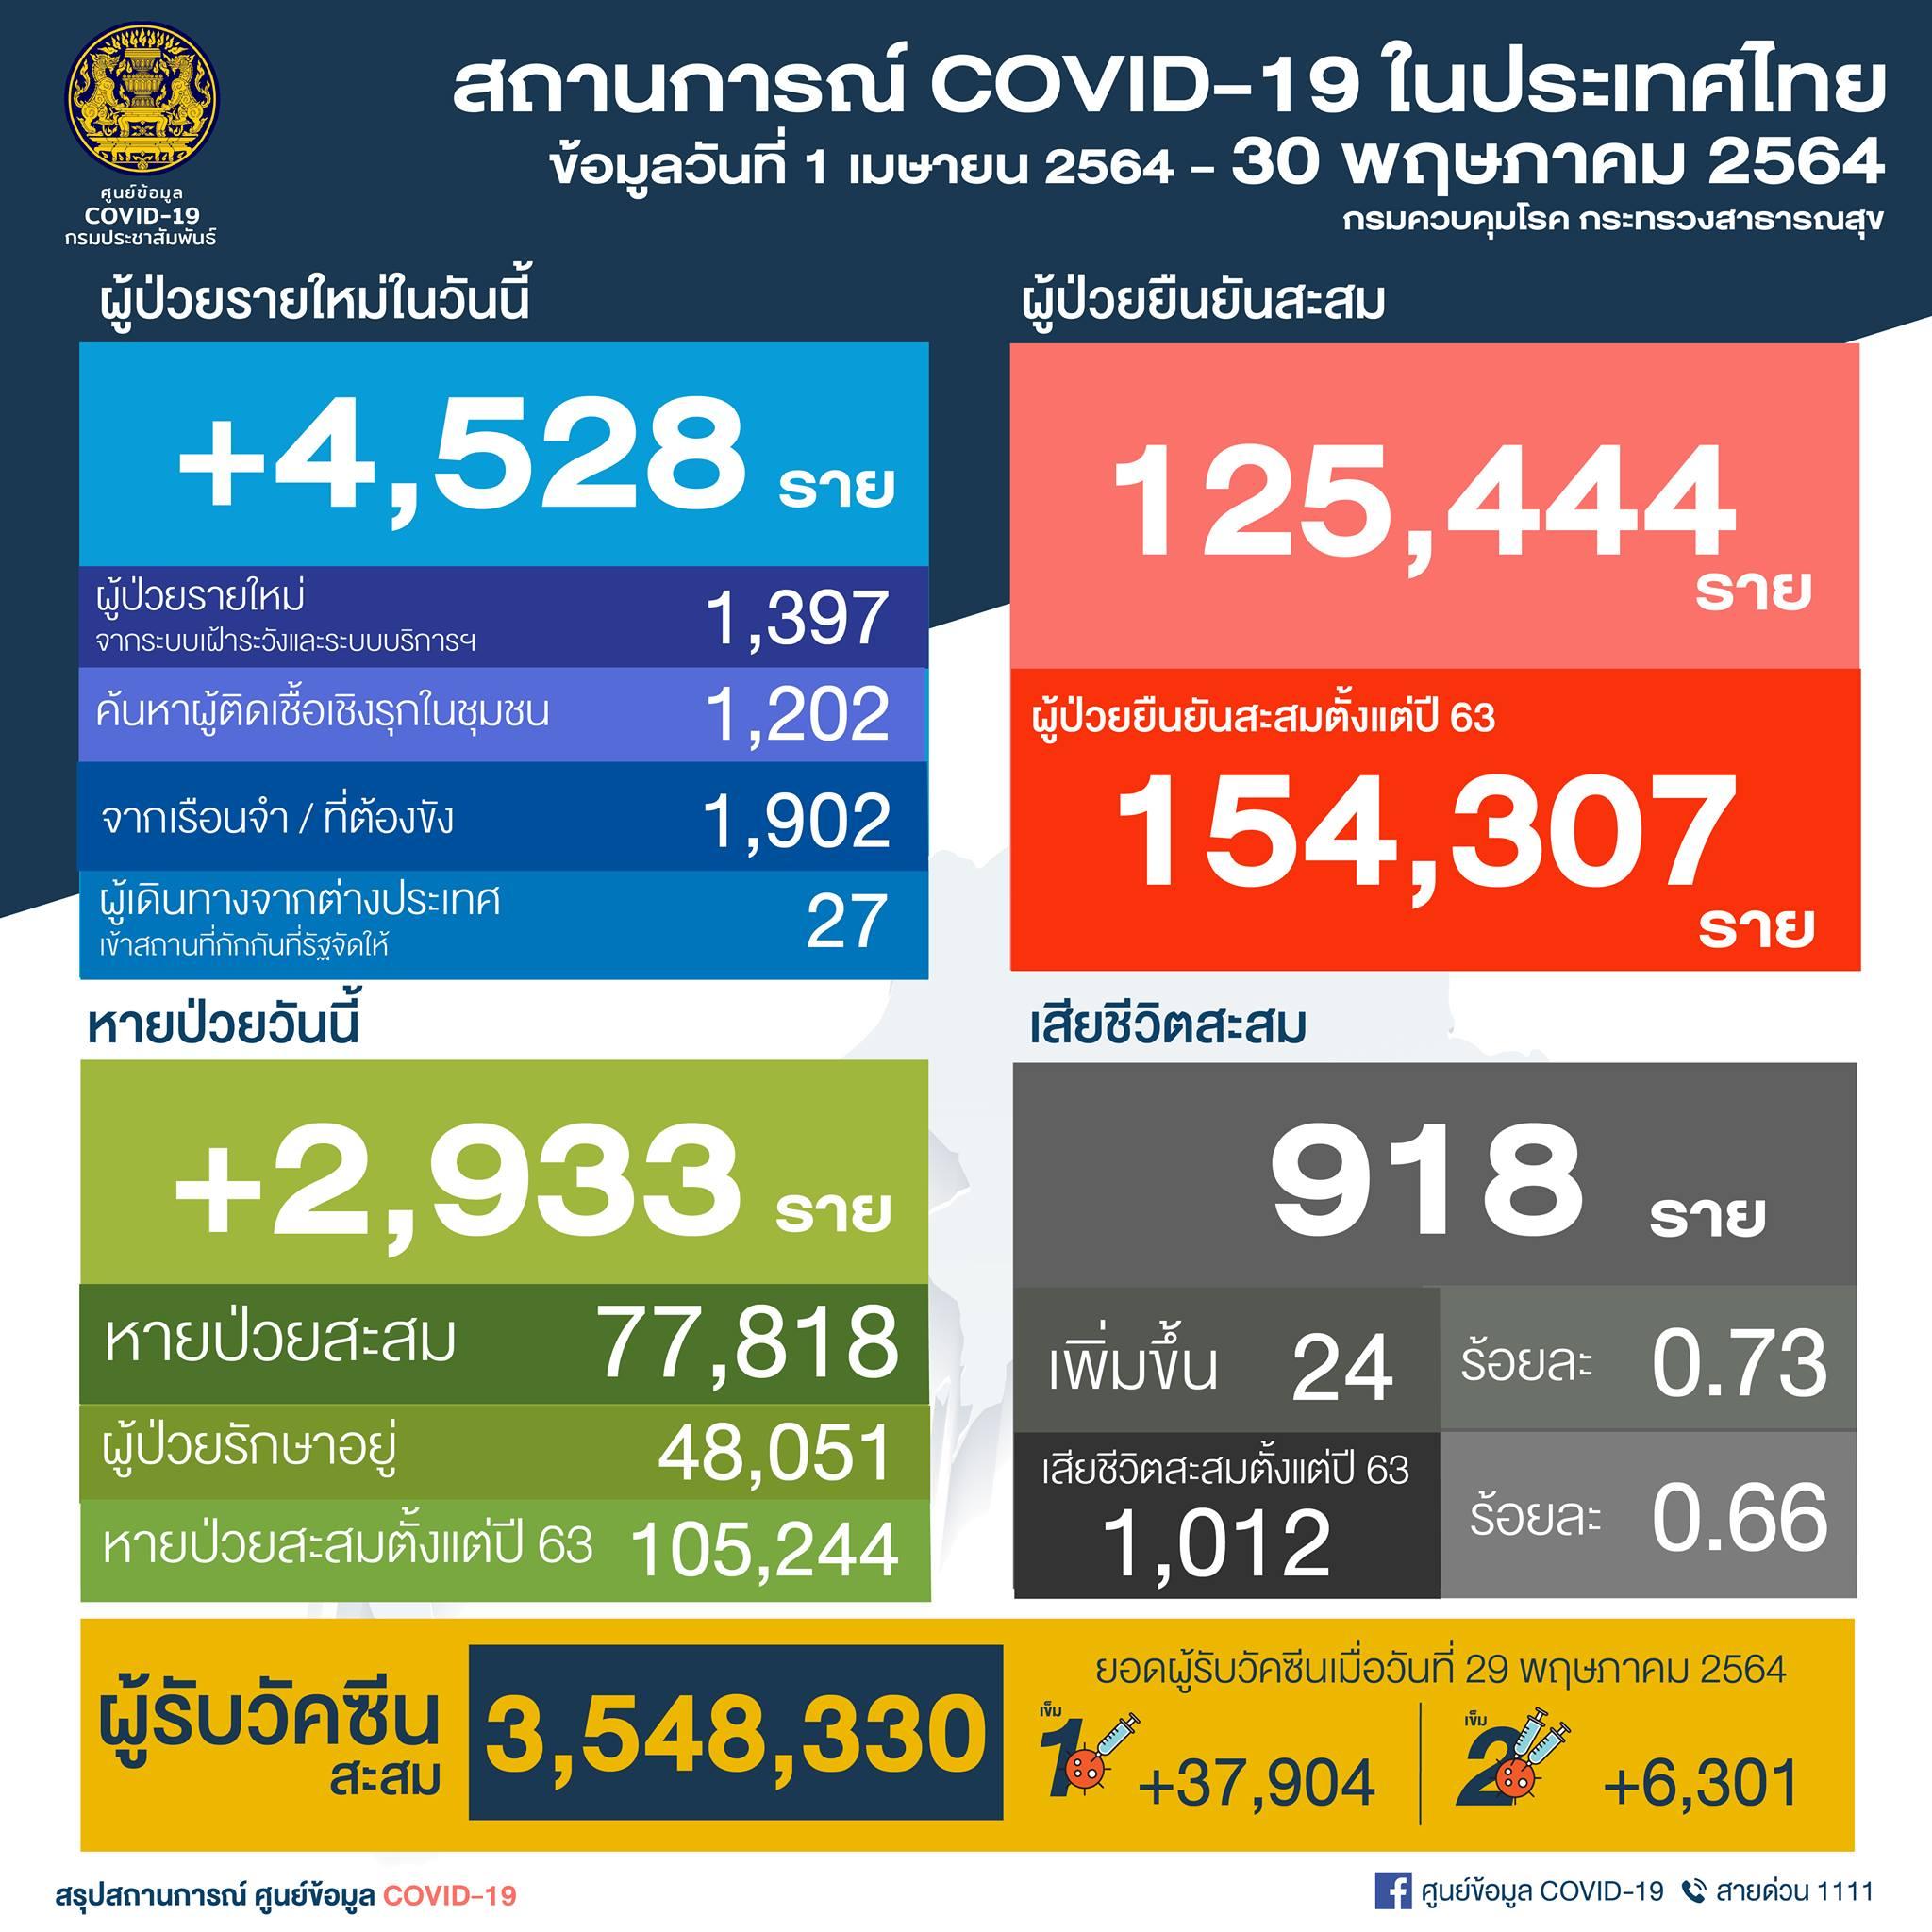 COVID-19: 30 พ.ค. ไทยติดเชื้อเพิ่ม 4,528 คน เสียชีวิตสะสมแตะ 1,012 คน